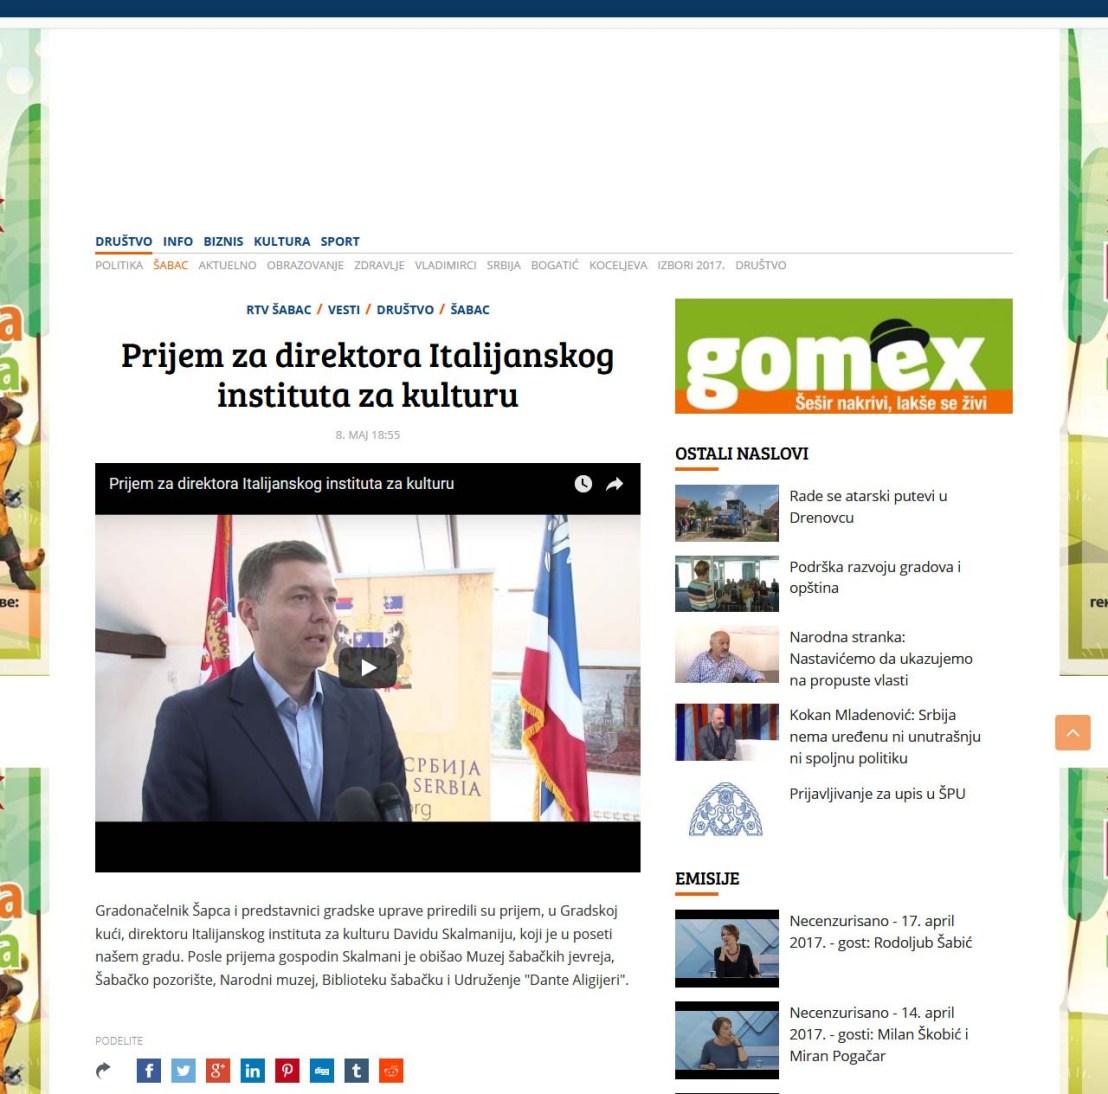 0805 - sabac.tv - Prijem za direktora Italijanskog instituta za kulturu.jpeg